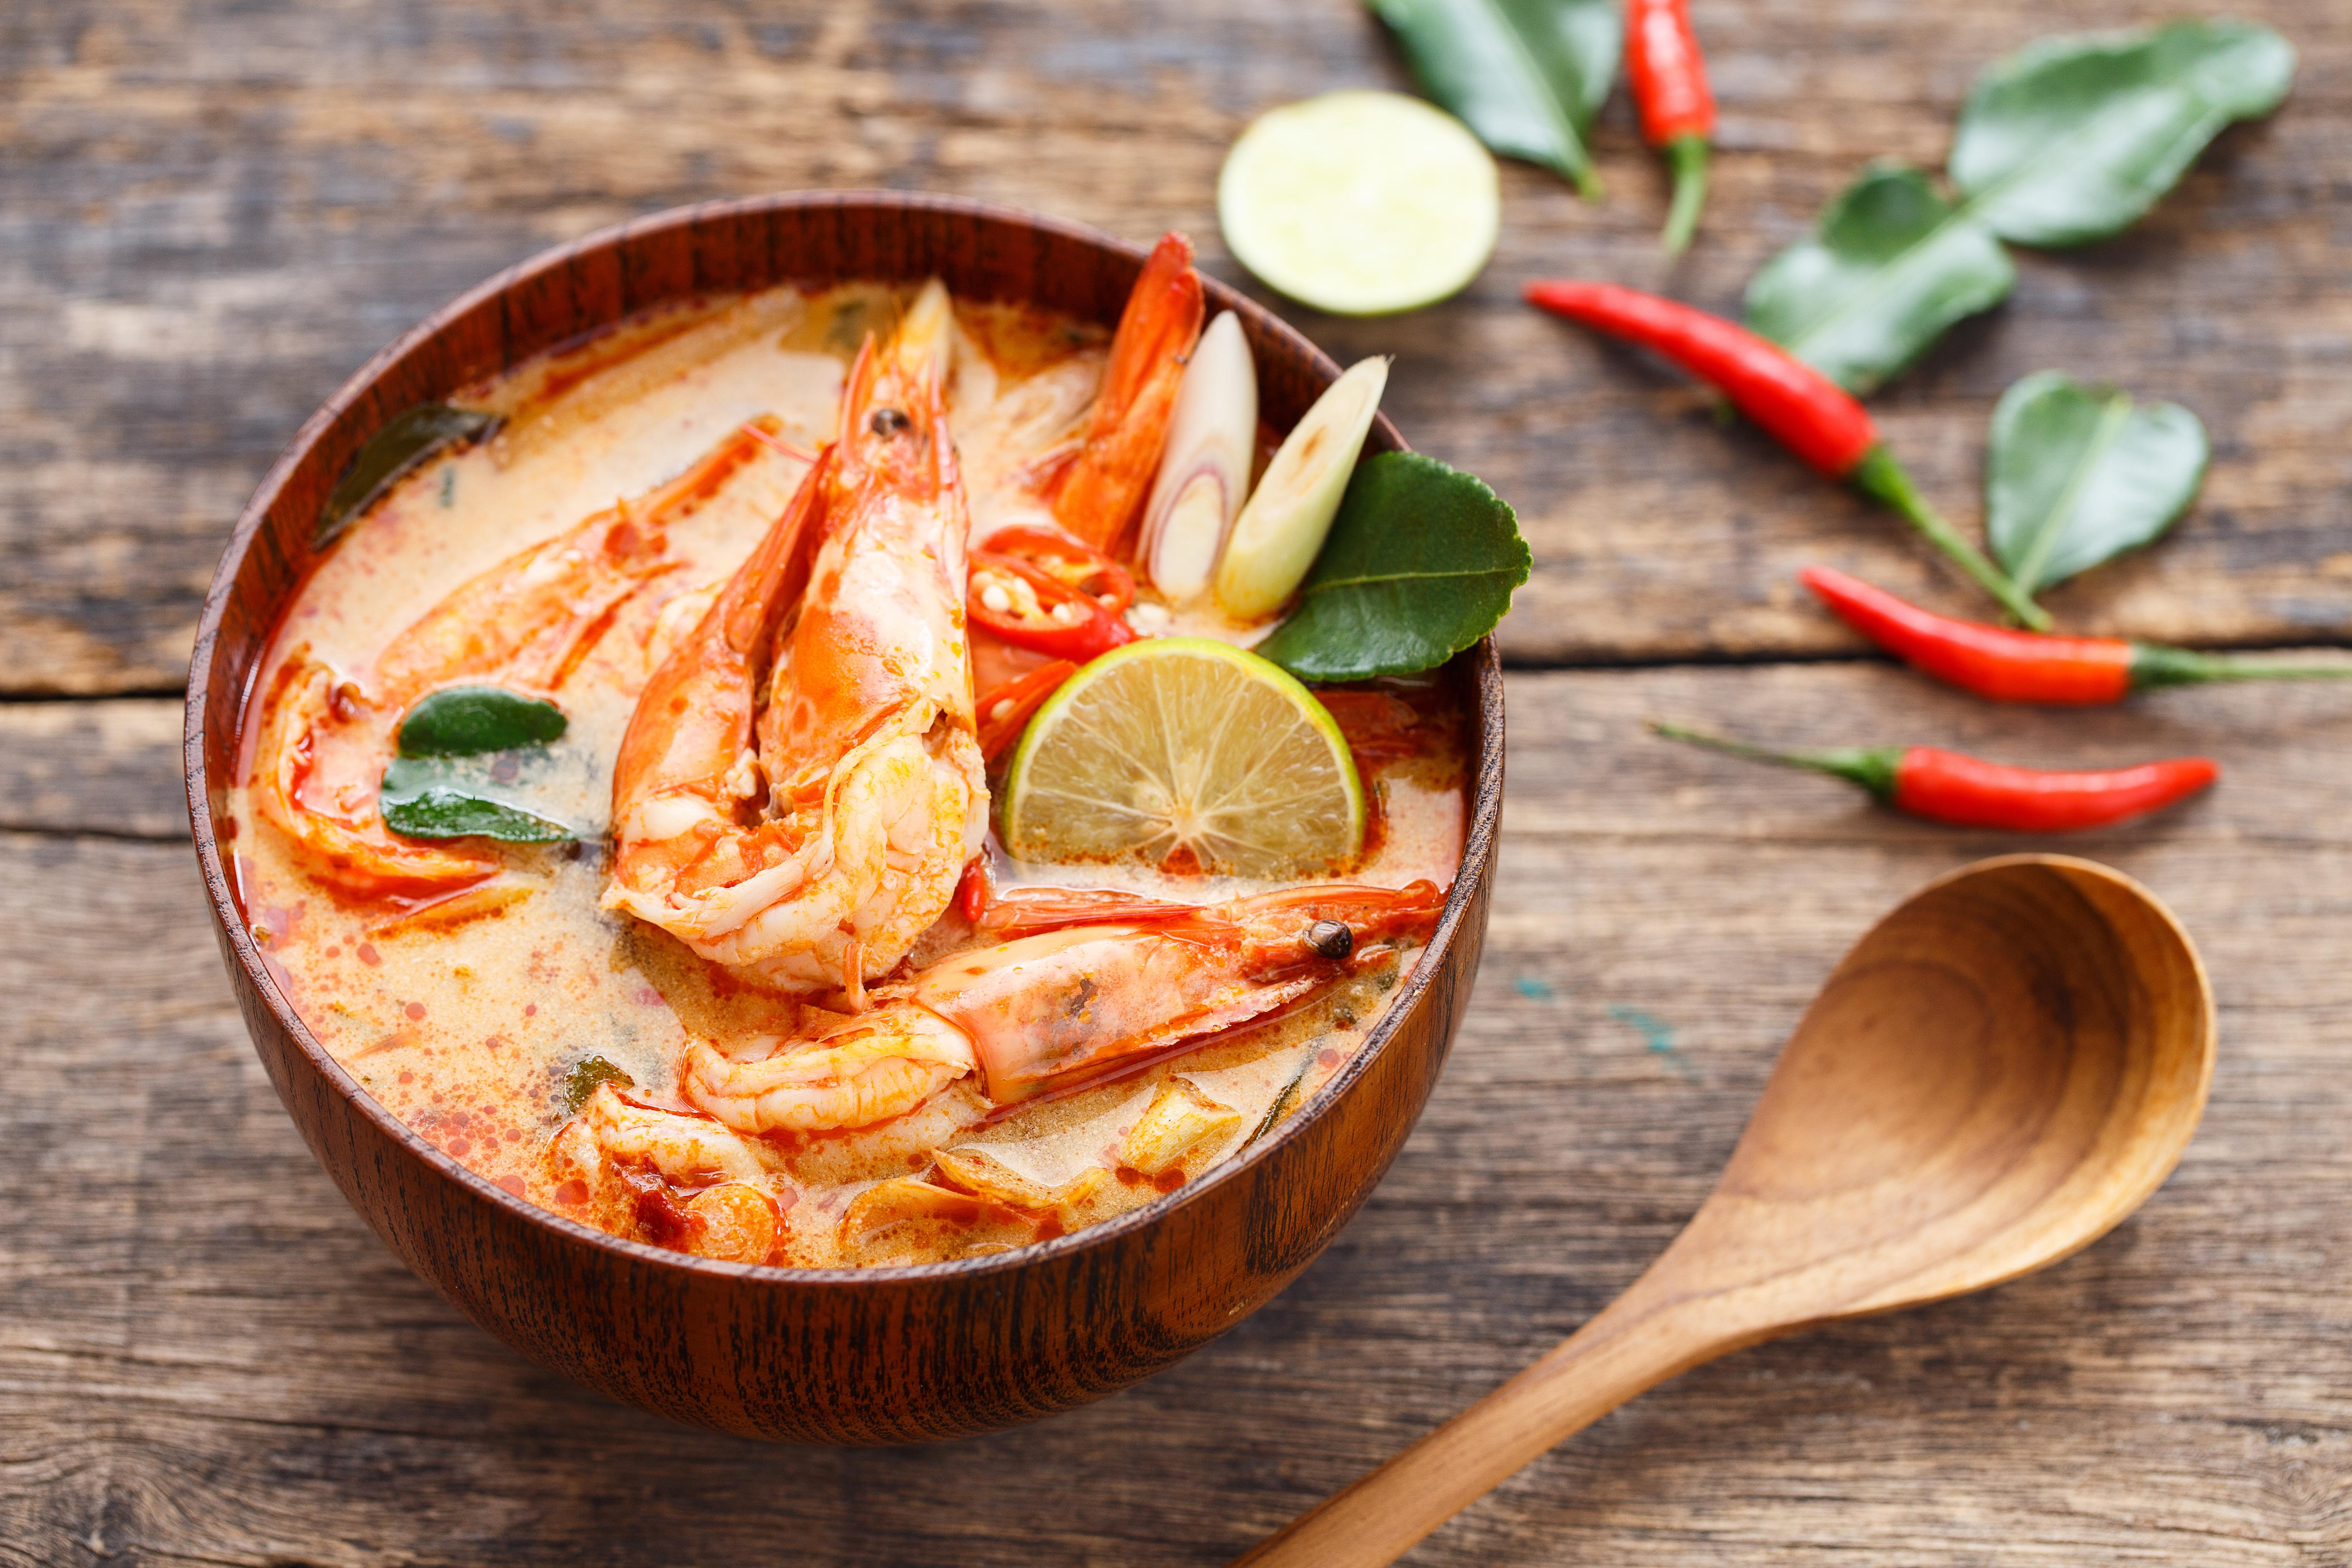 Том ям - знаменитый тайский суп